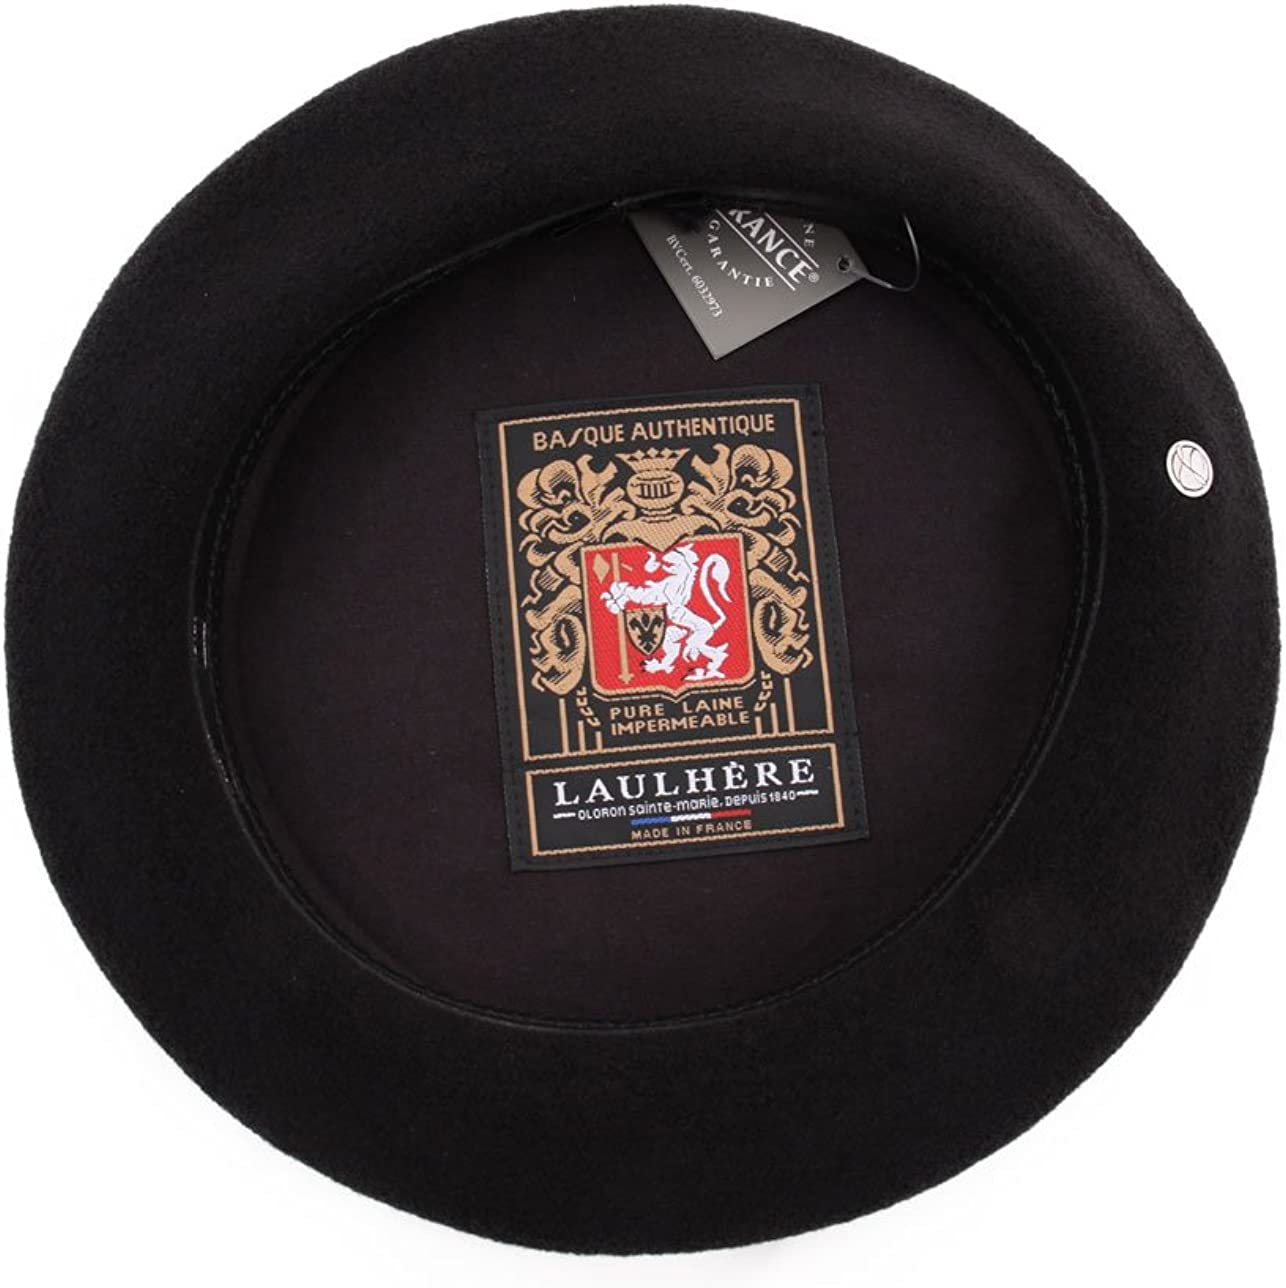 Laulhere Basque Authentique Noir b/éret Basque Authentique.